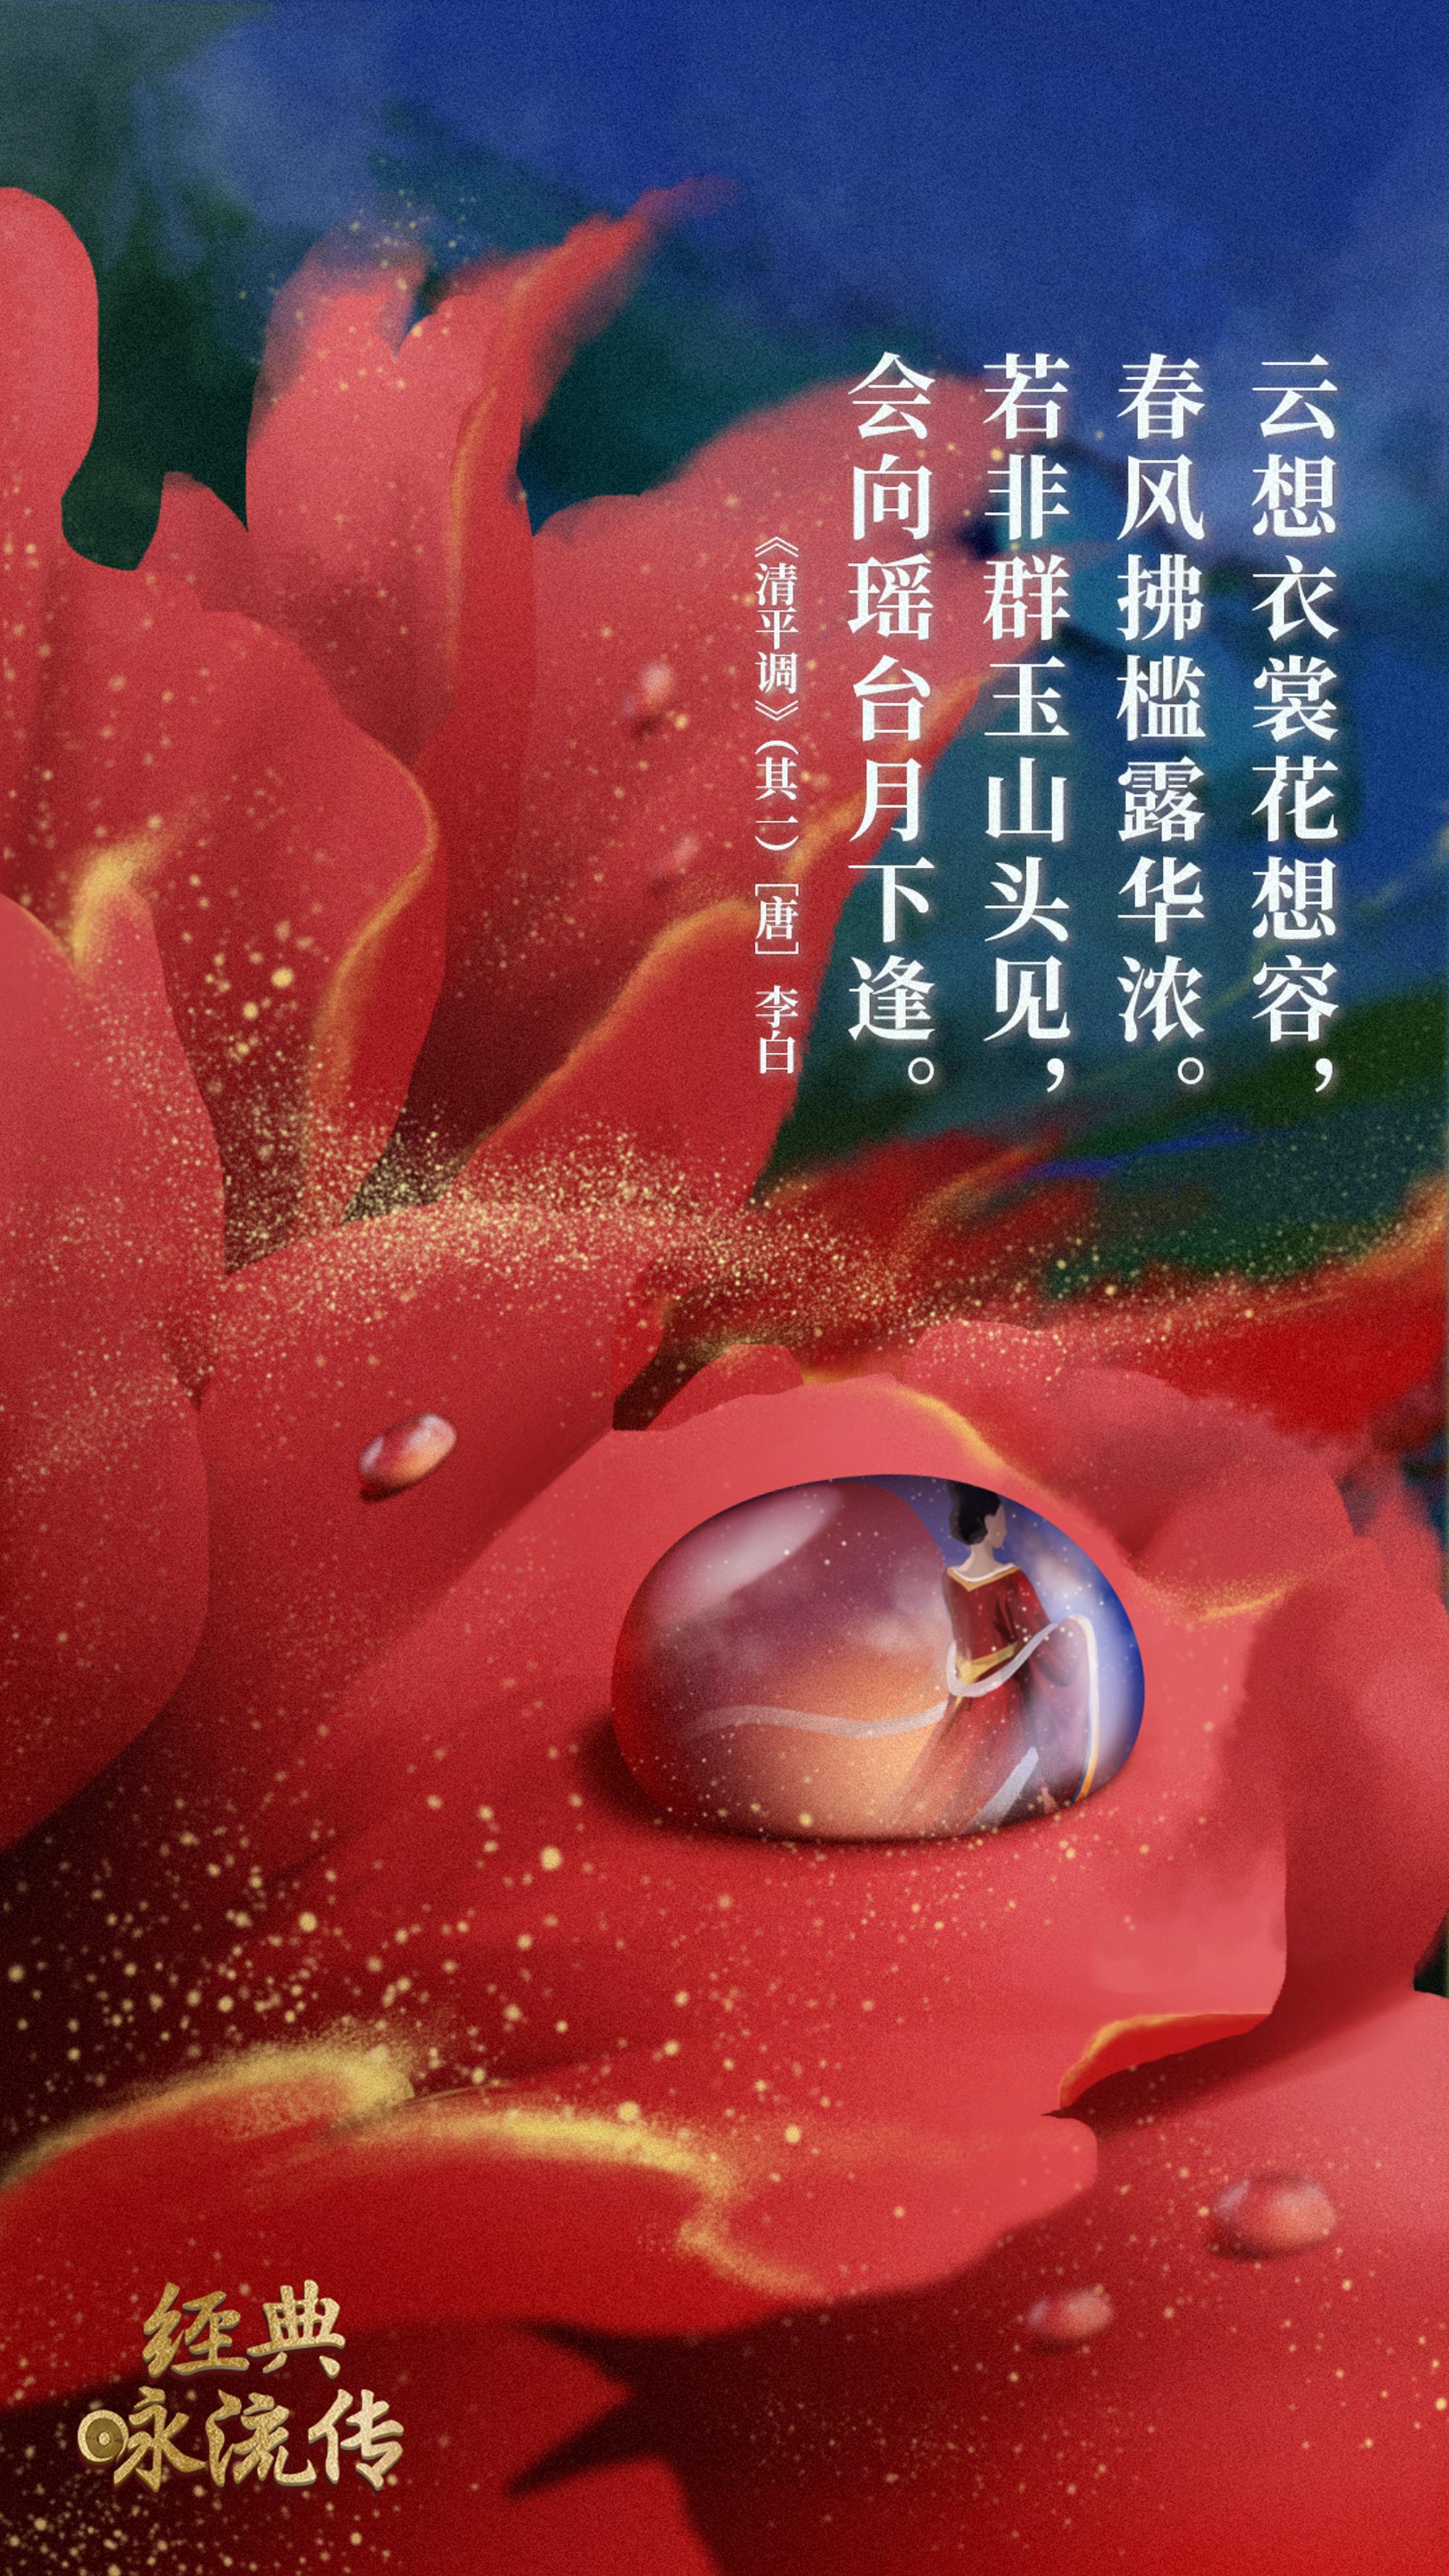 《经典咏流传》诗词意境海报合集 欣赏-第39张